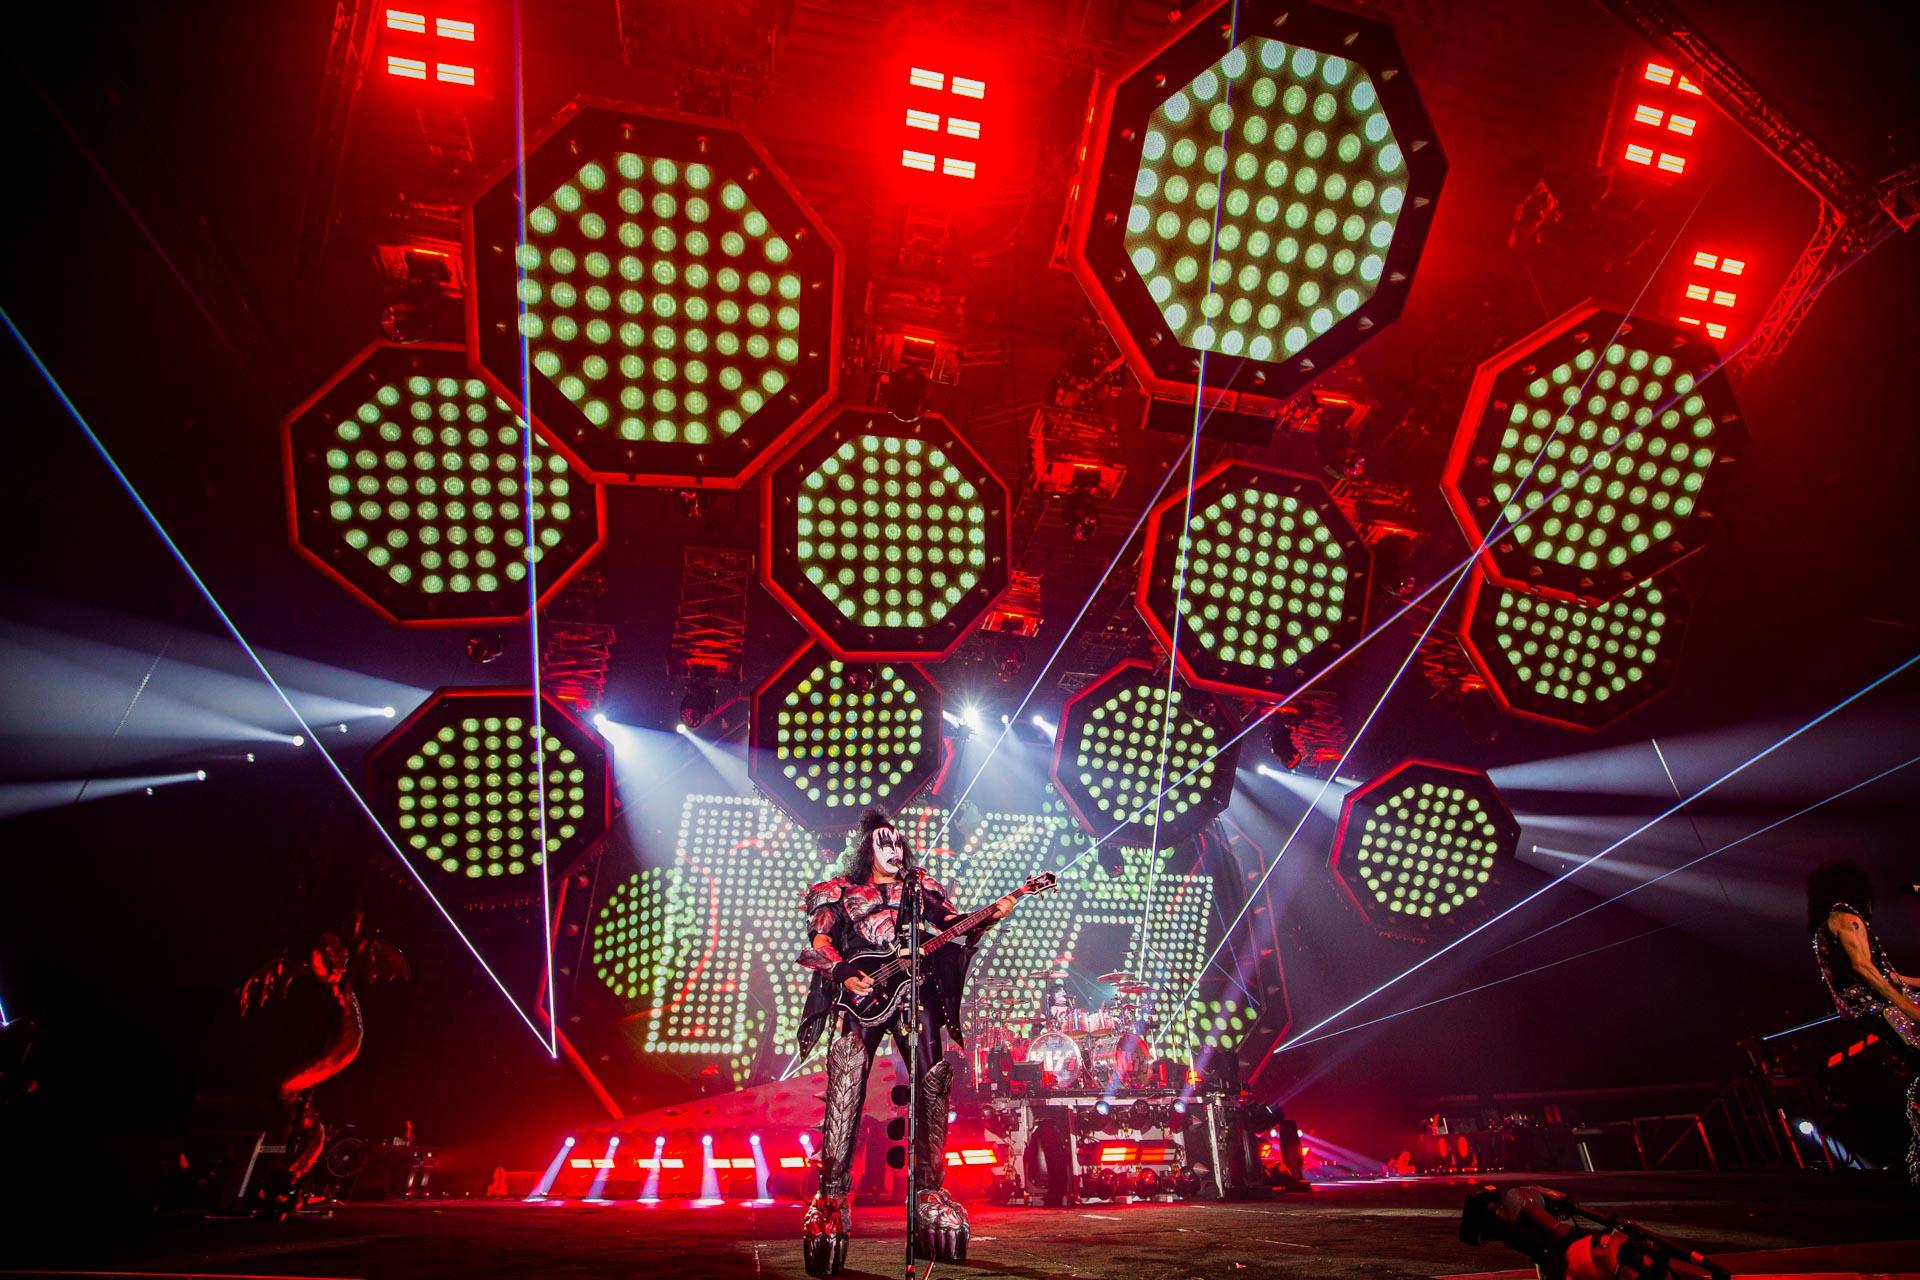 So war das KISS Konzert in der Arena Leipzig am 27.05.2019